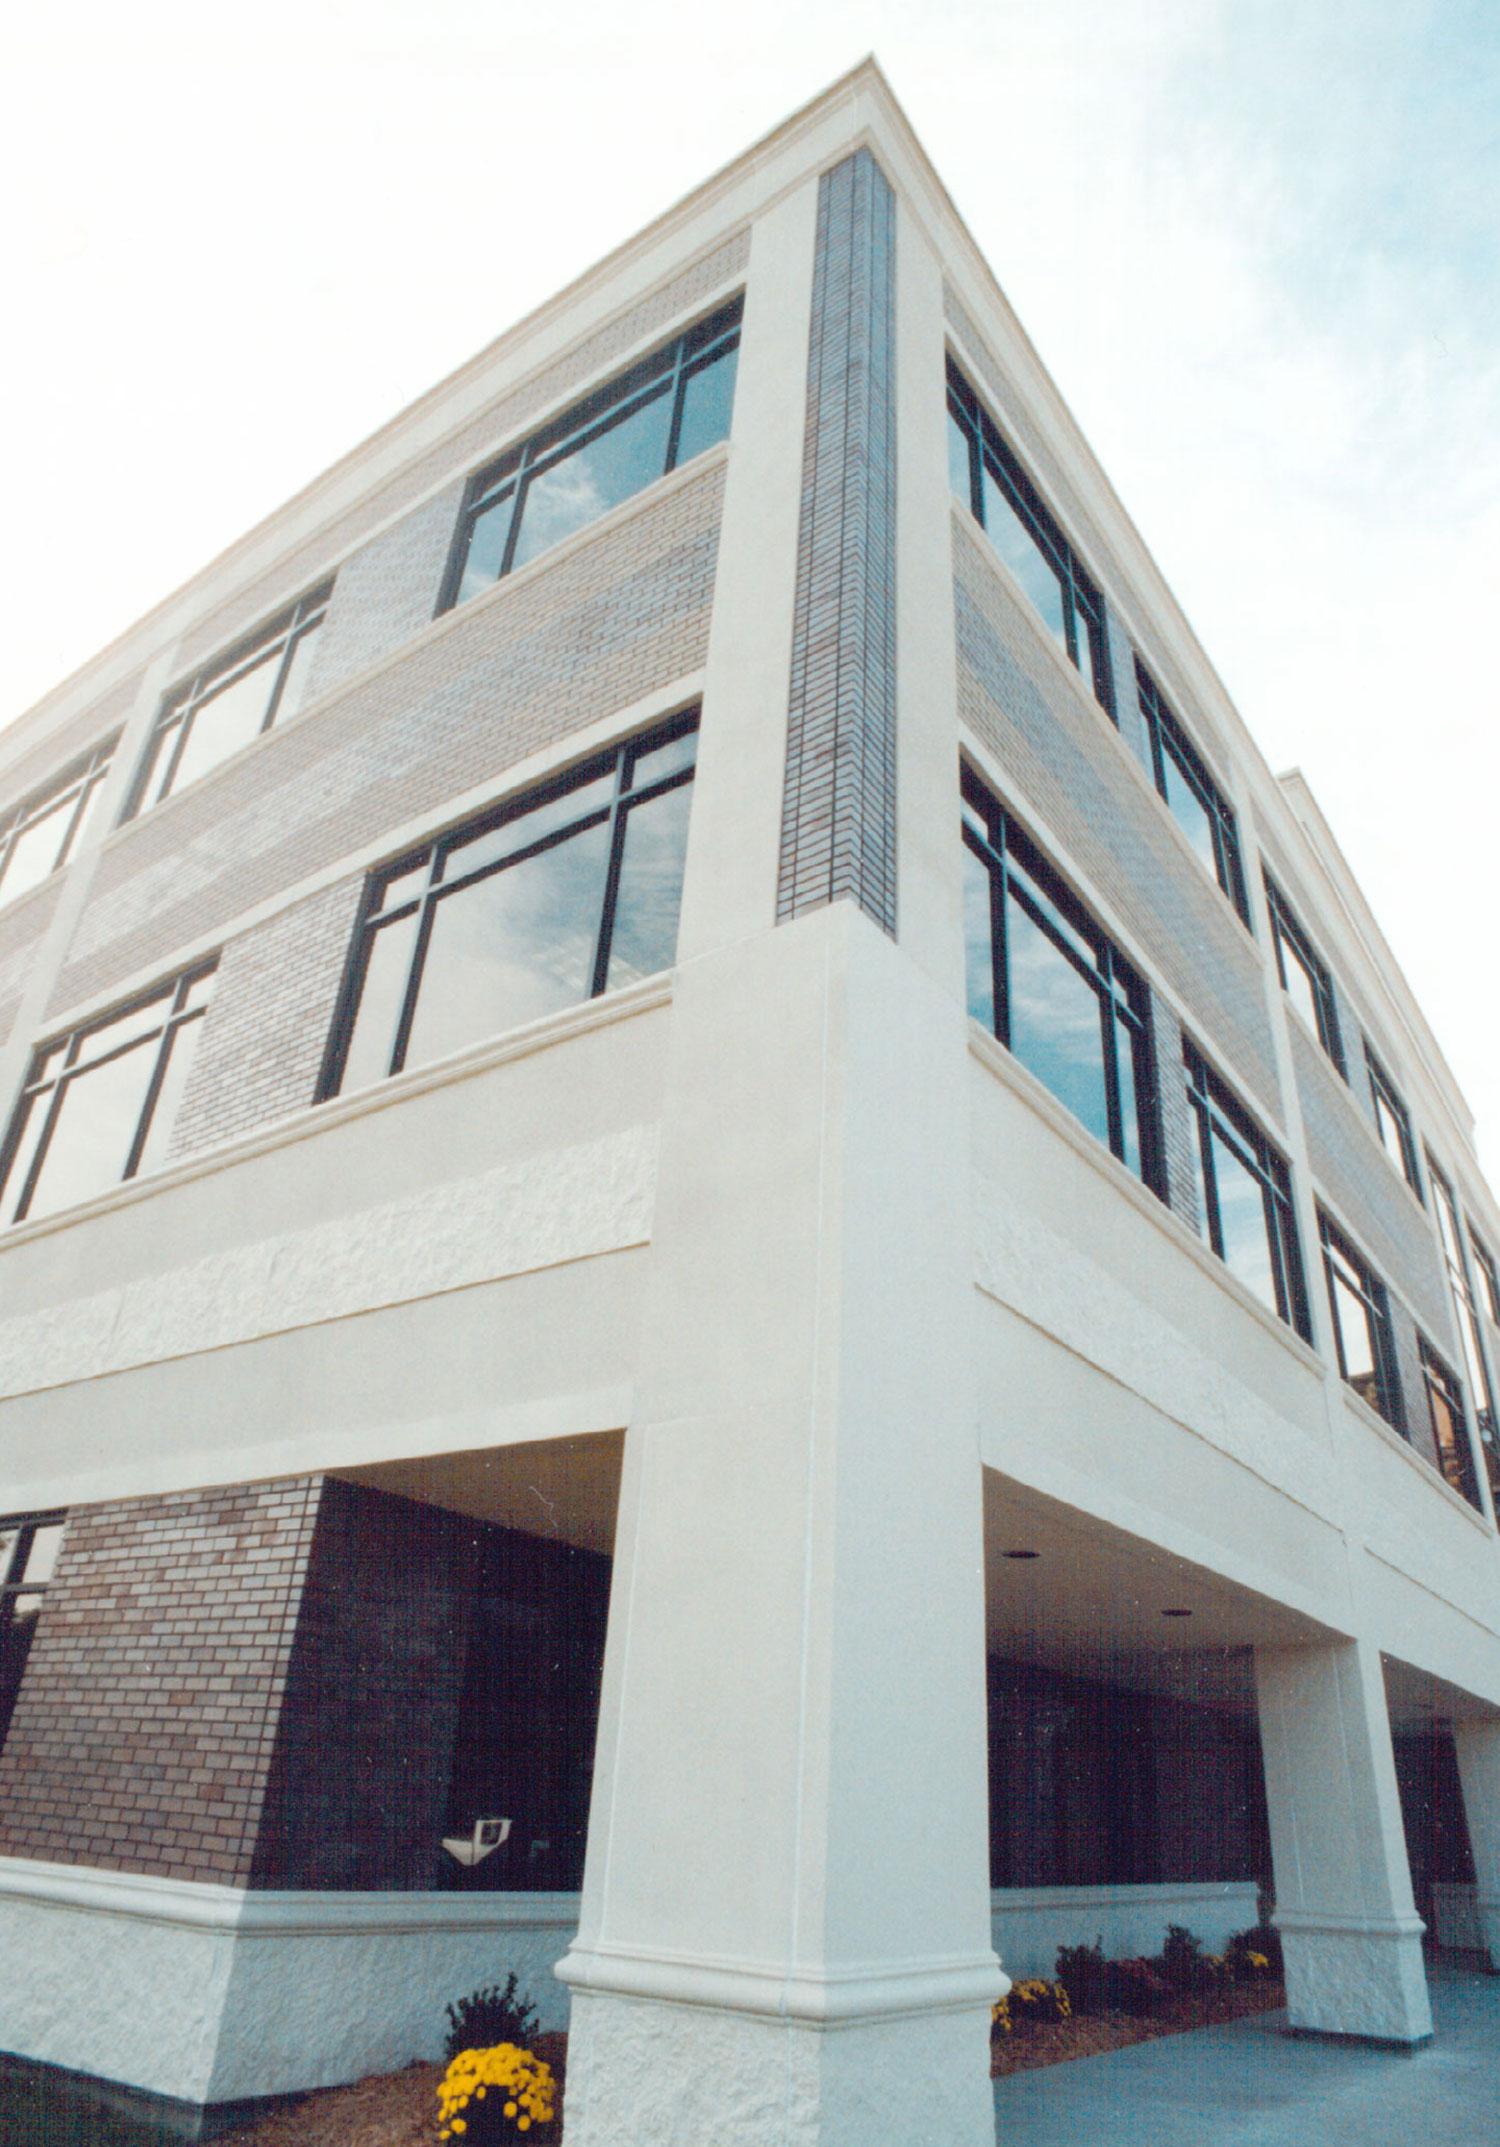 Monroe Bluff Executive Center